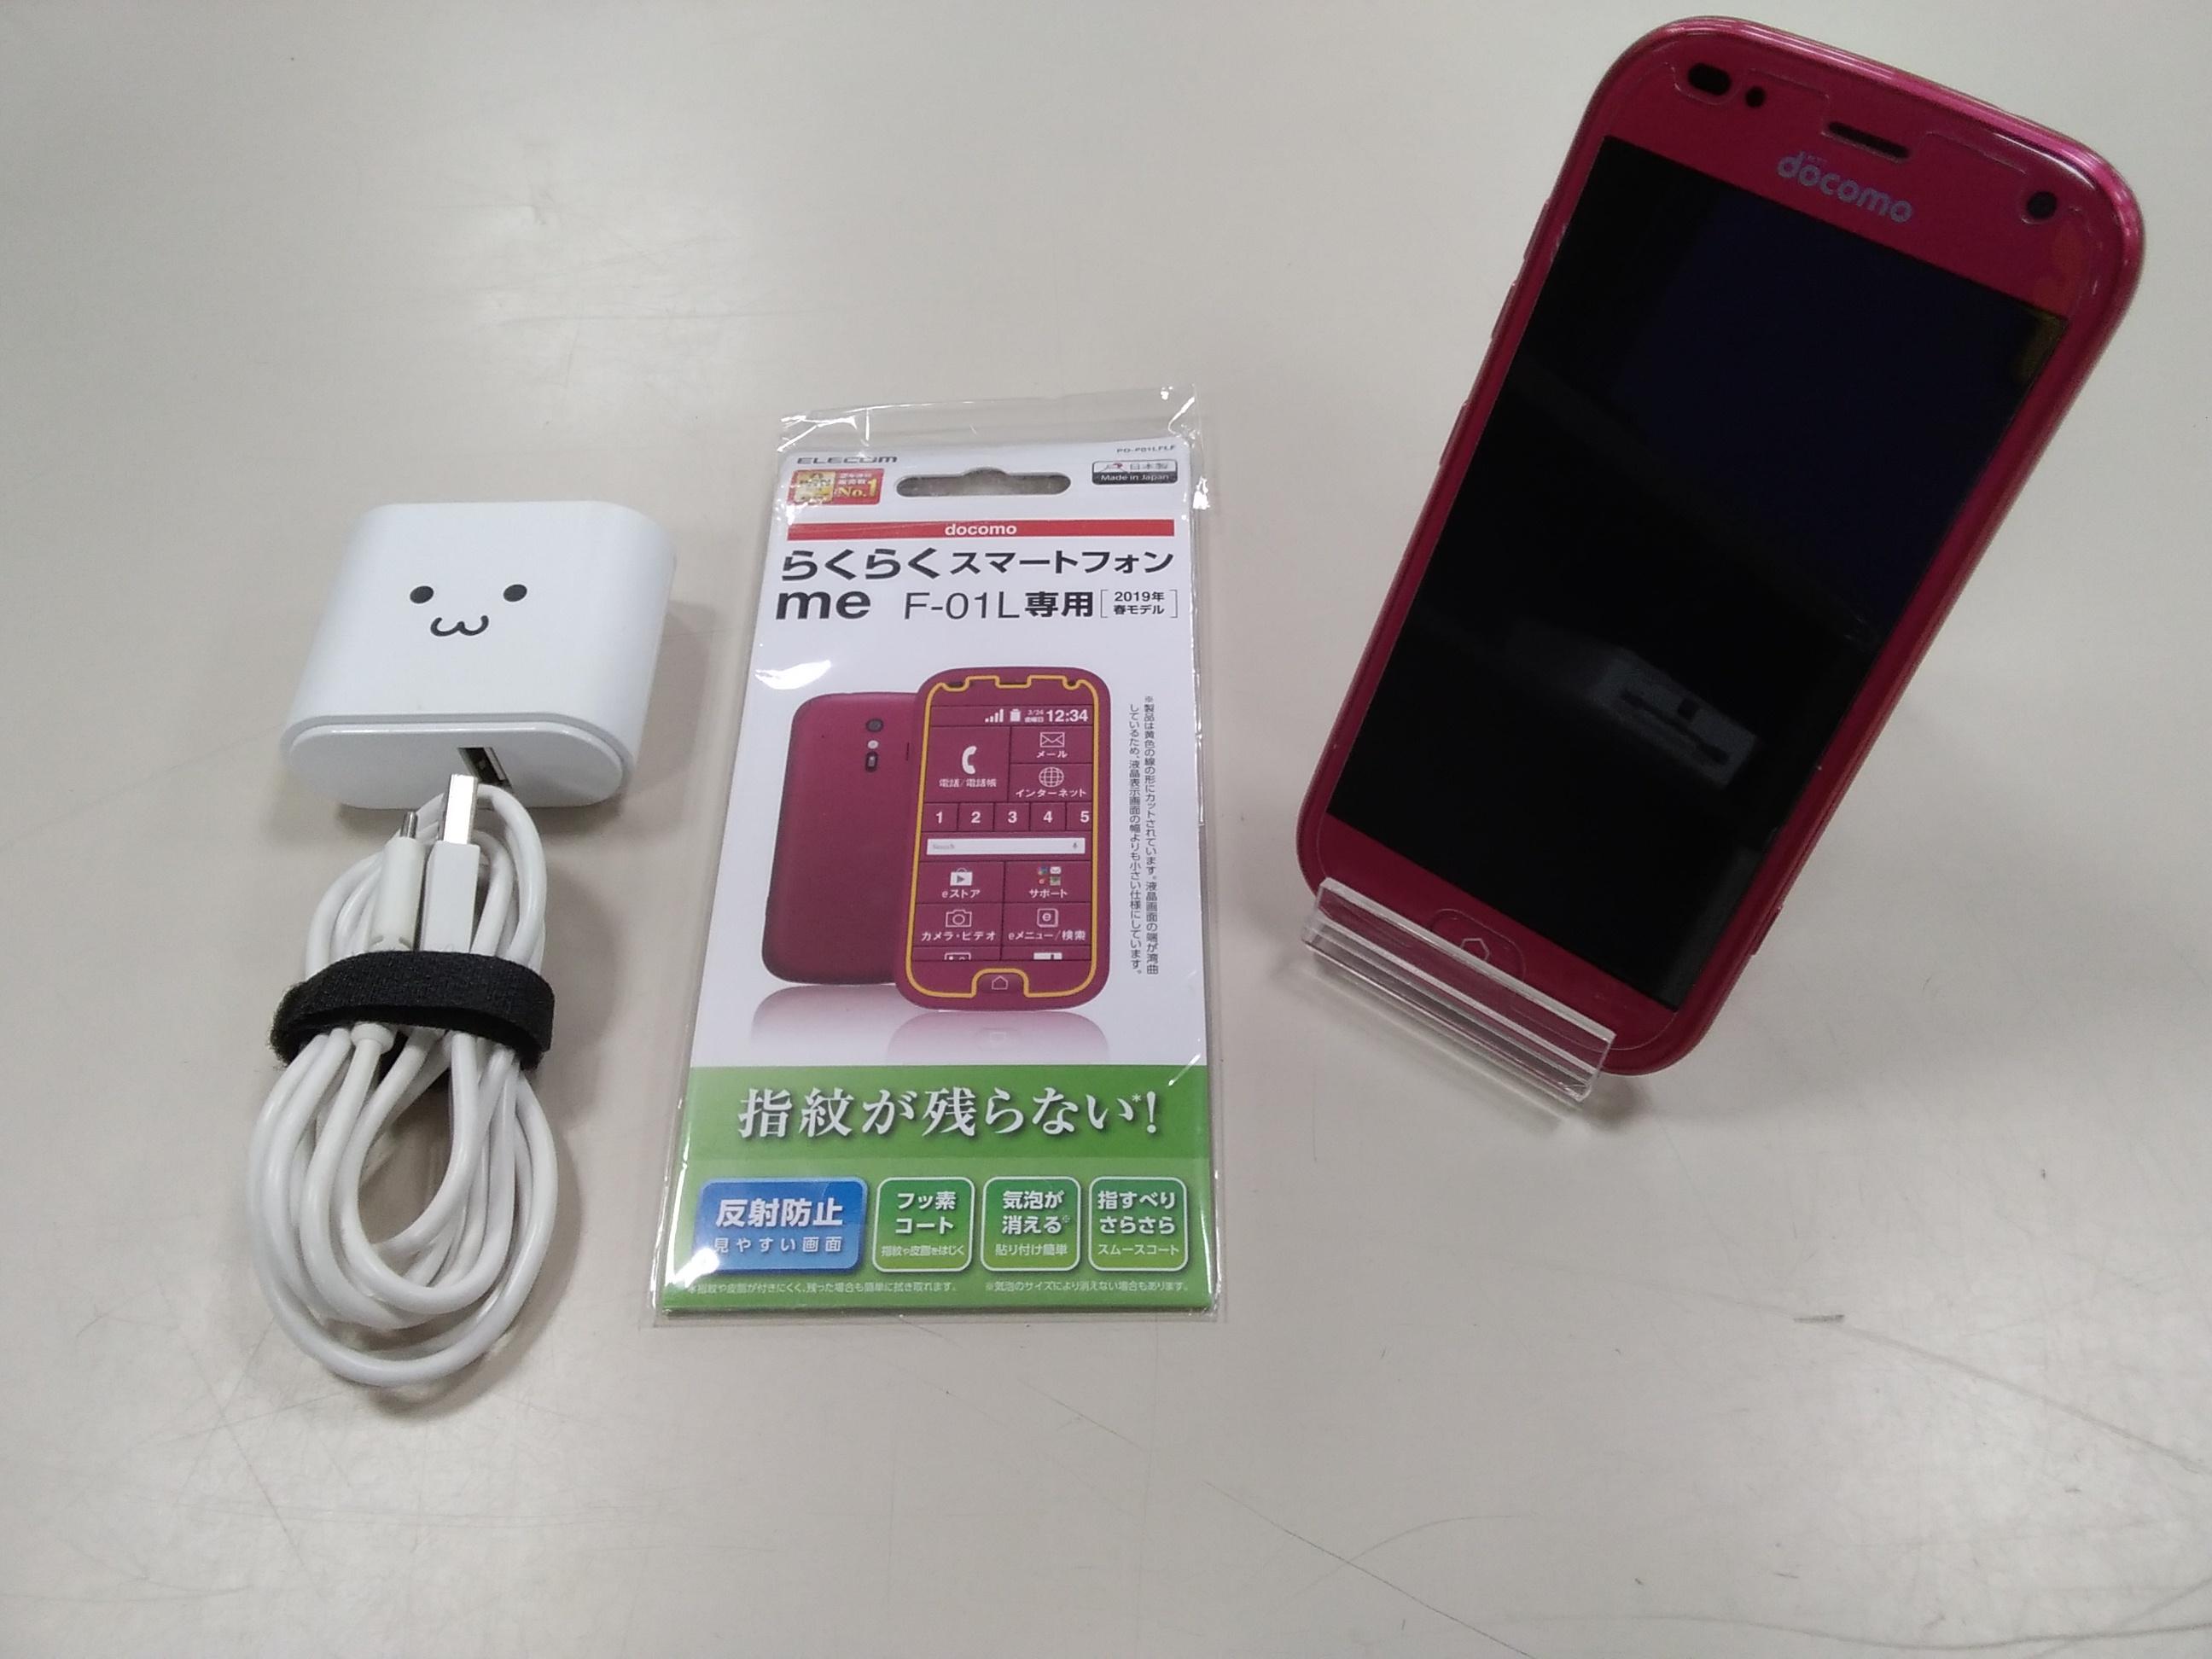 らくらくスマートフォンme|FUJITSU/DOCOMO